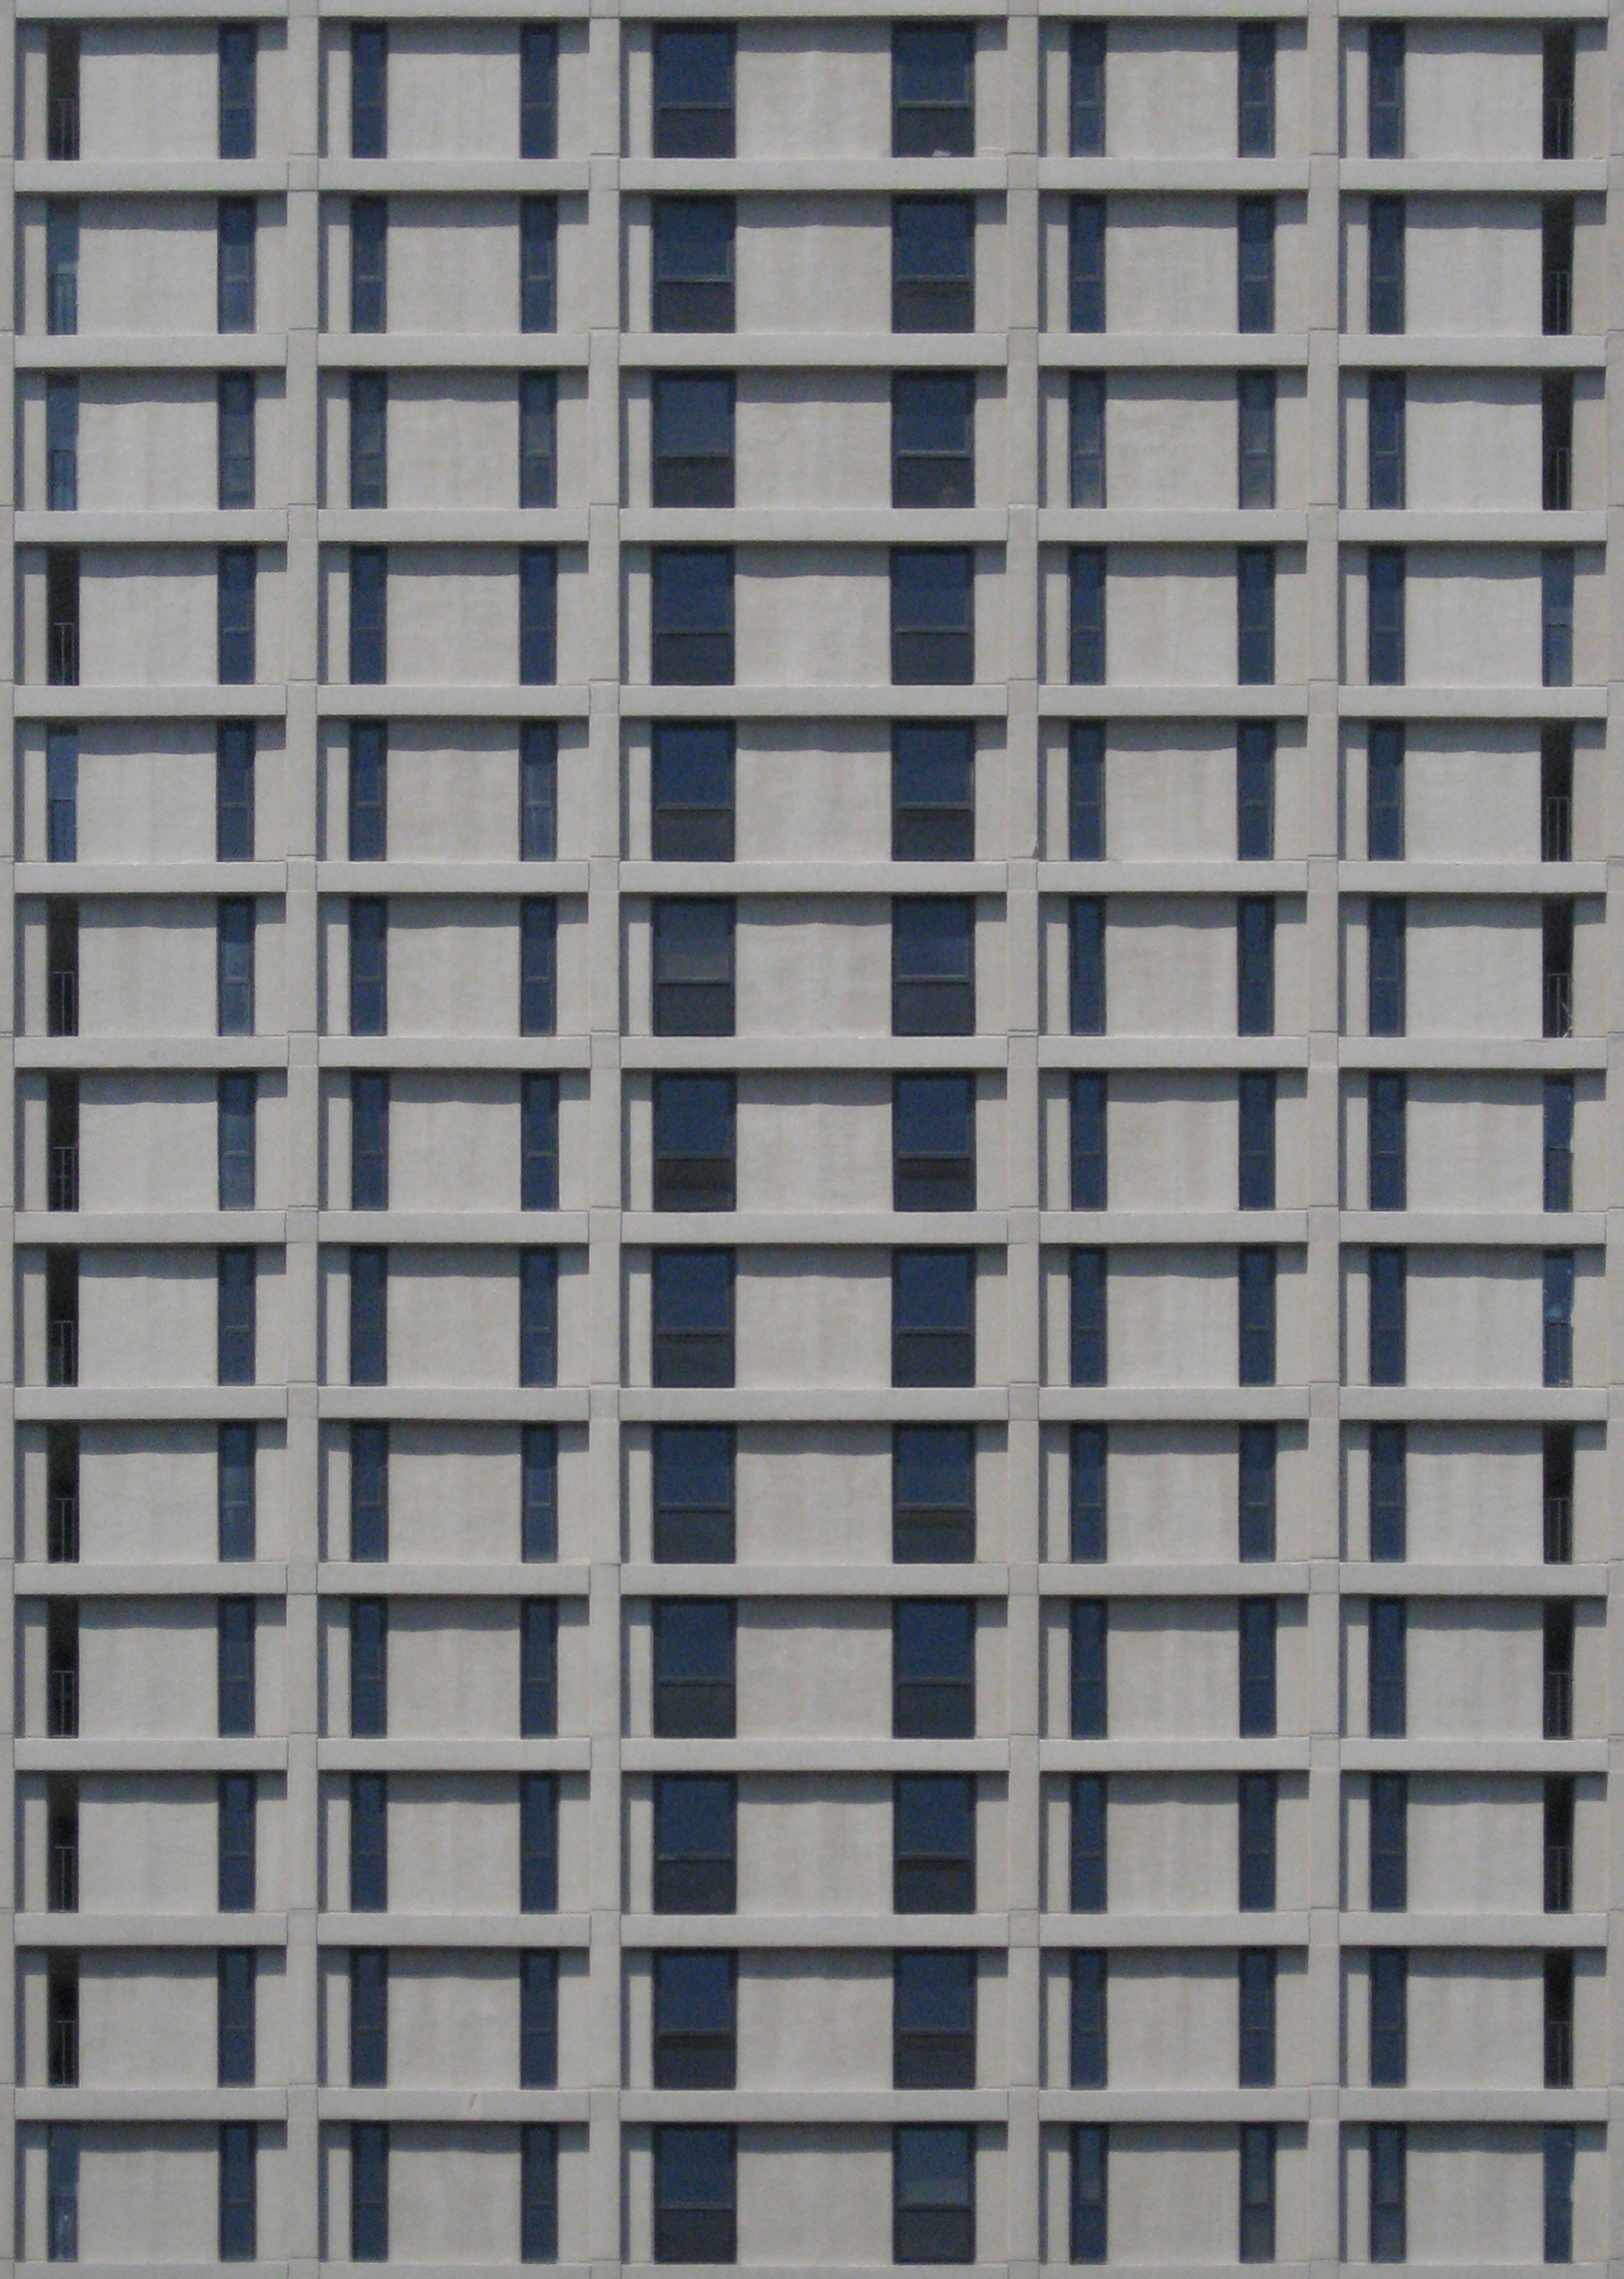 http://www.amazingtextures.co.uk/textures/data/media/28/building5-lo.jpg